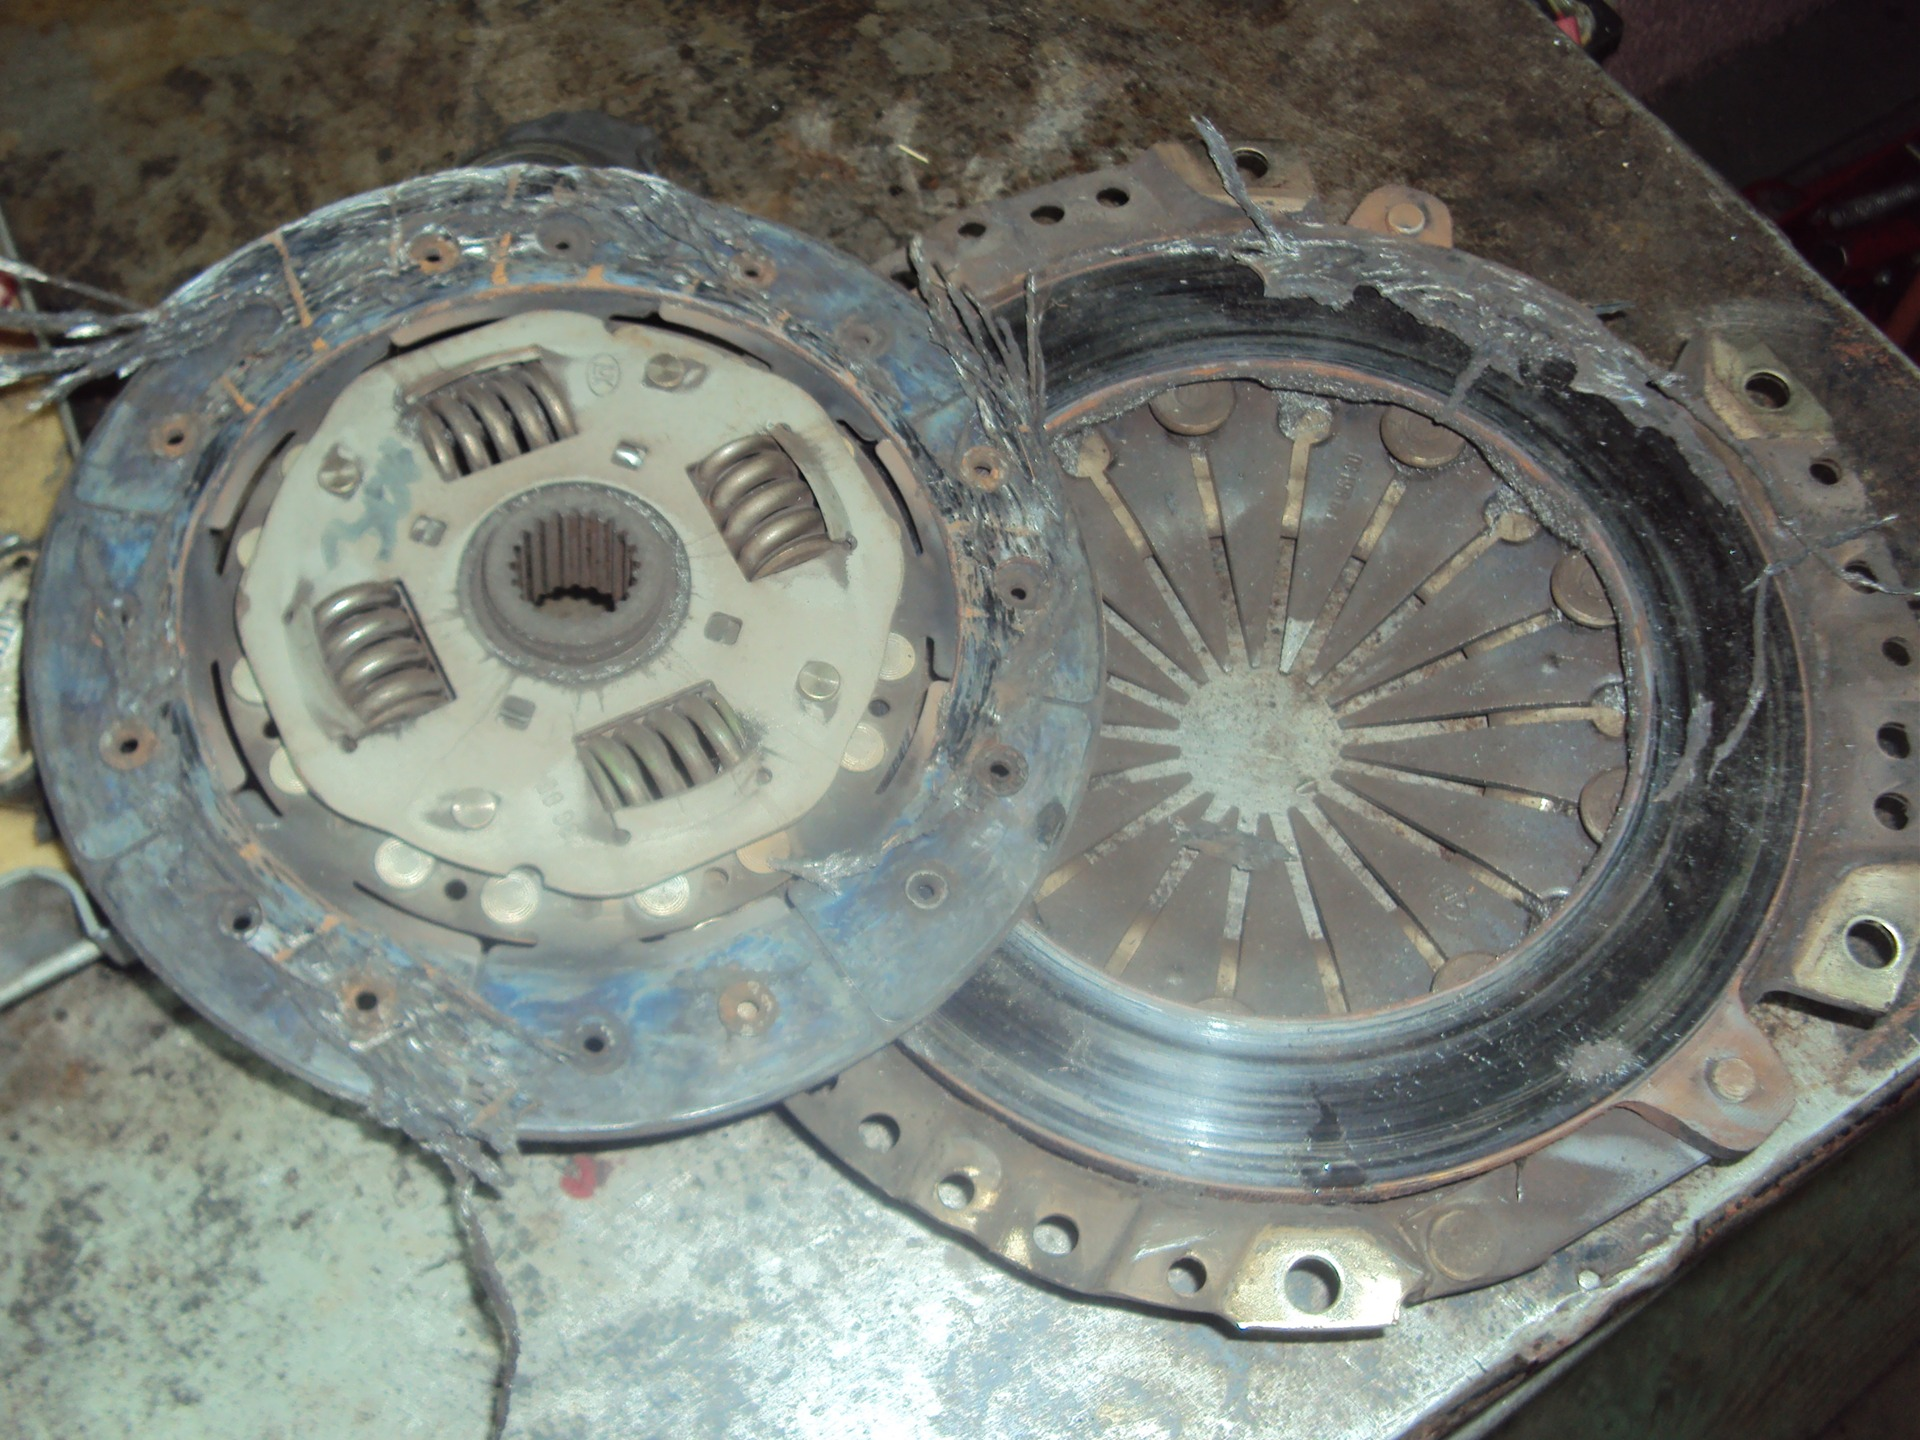 Сцепление автомобиля: устройство, принцип работы, как правильно пользоваться механизмом сцепления